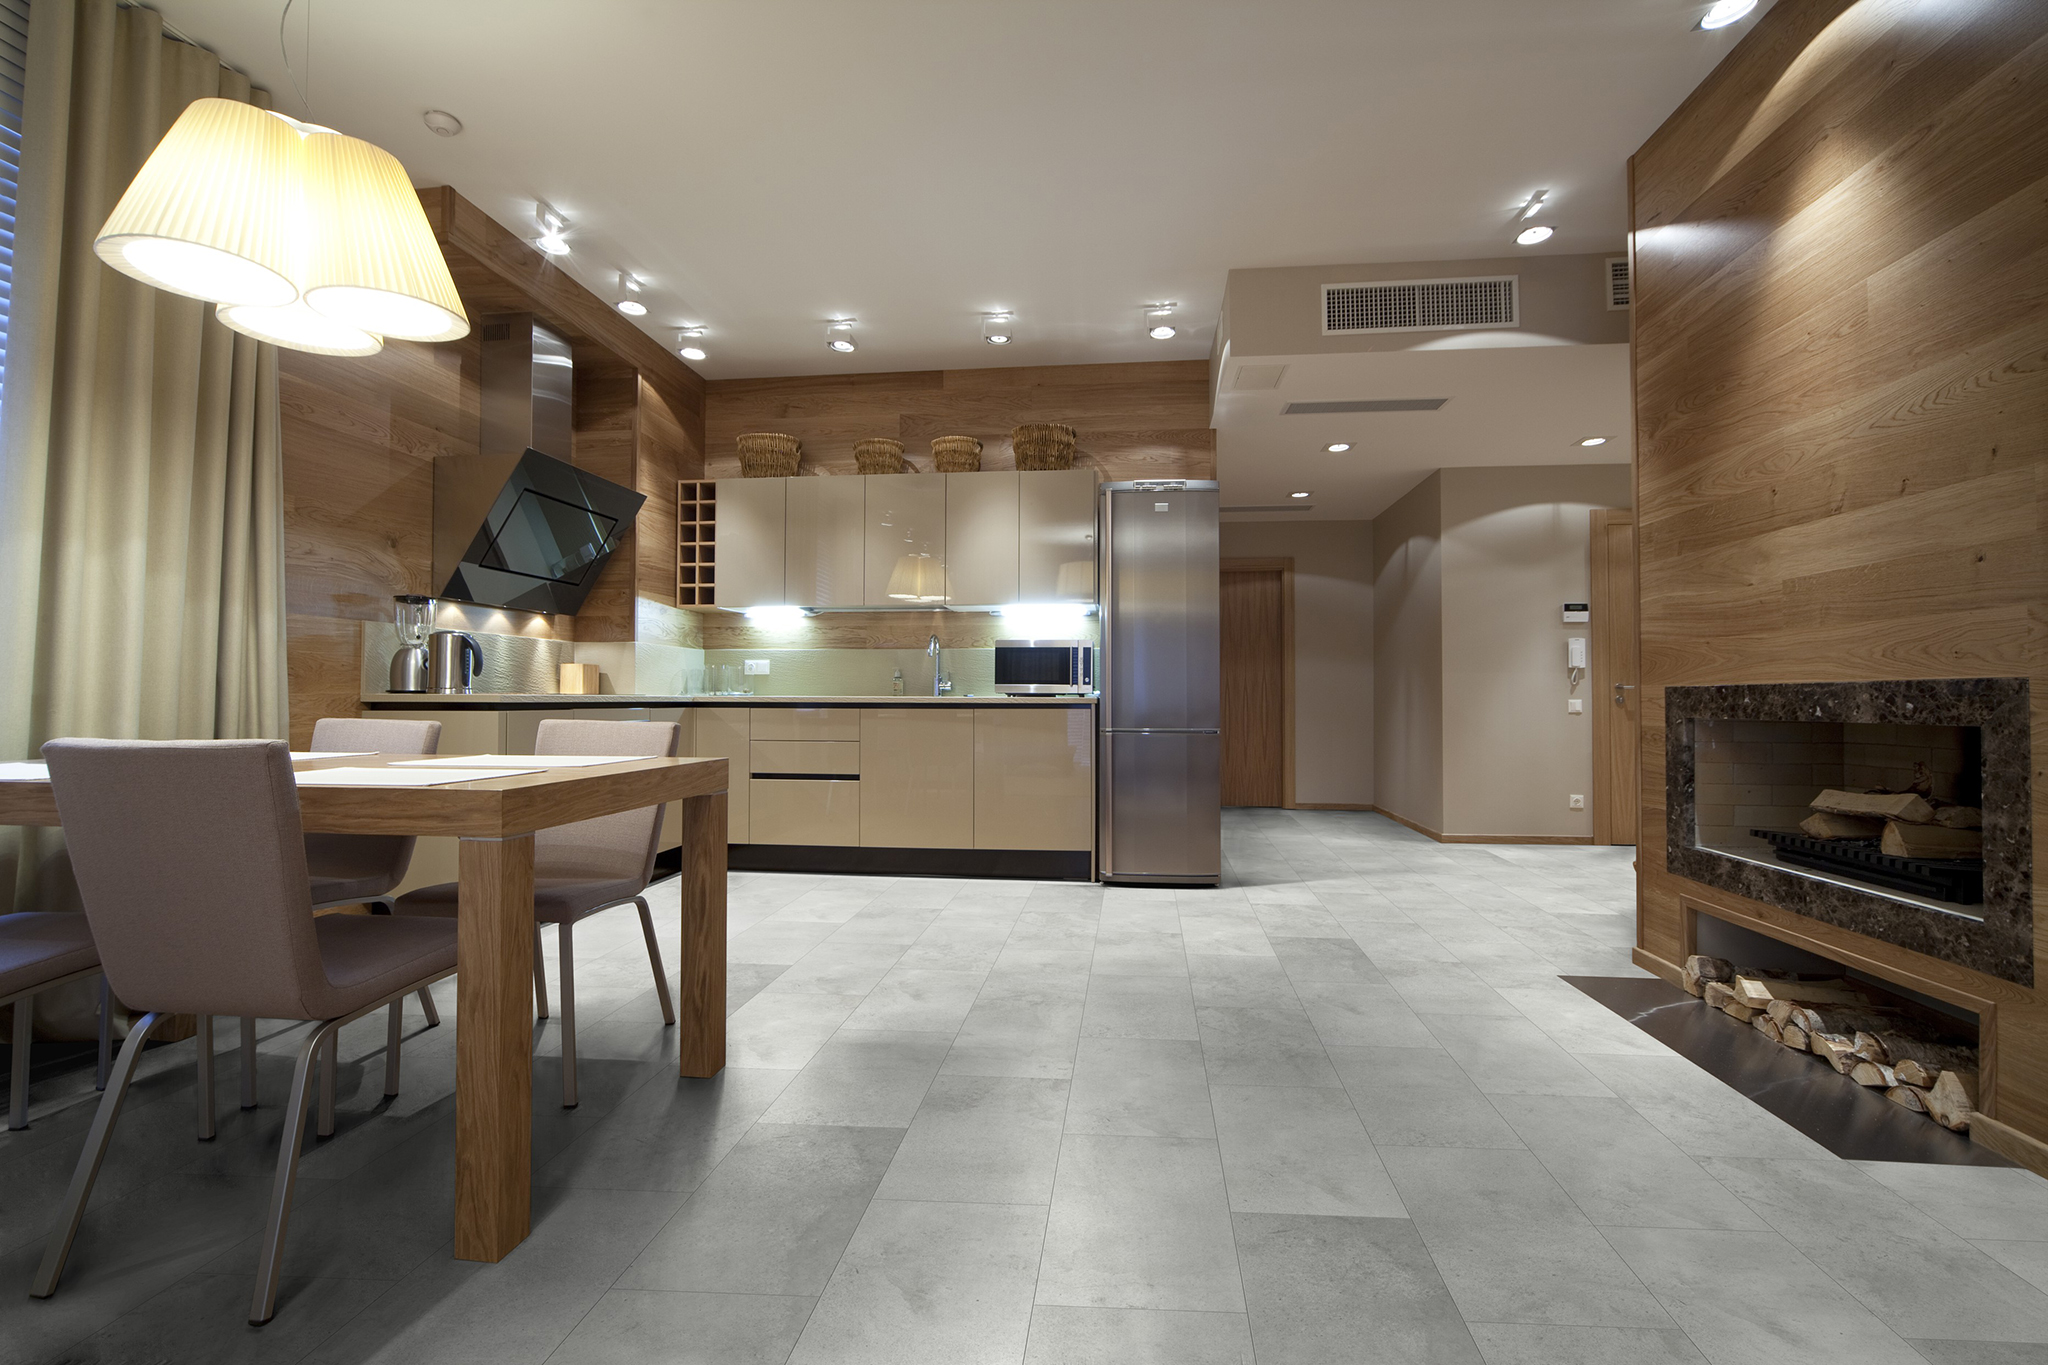 Ceramin Vario Concrete light